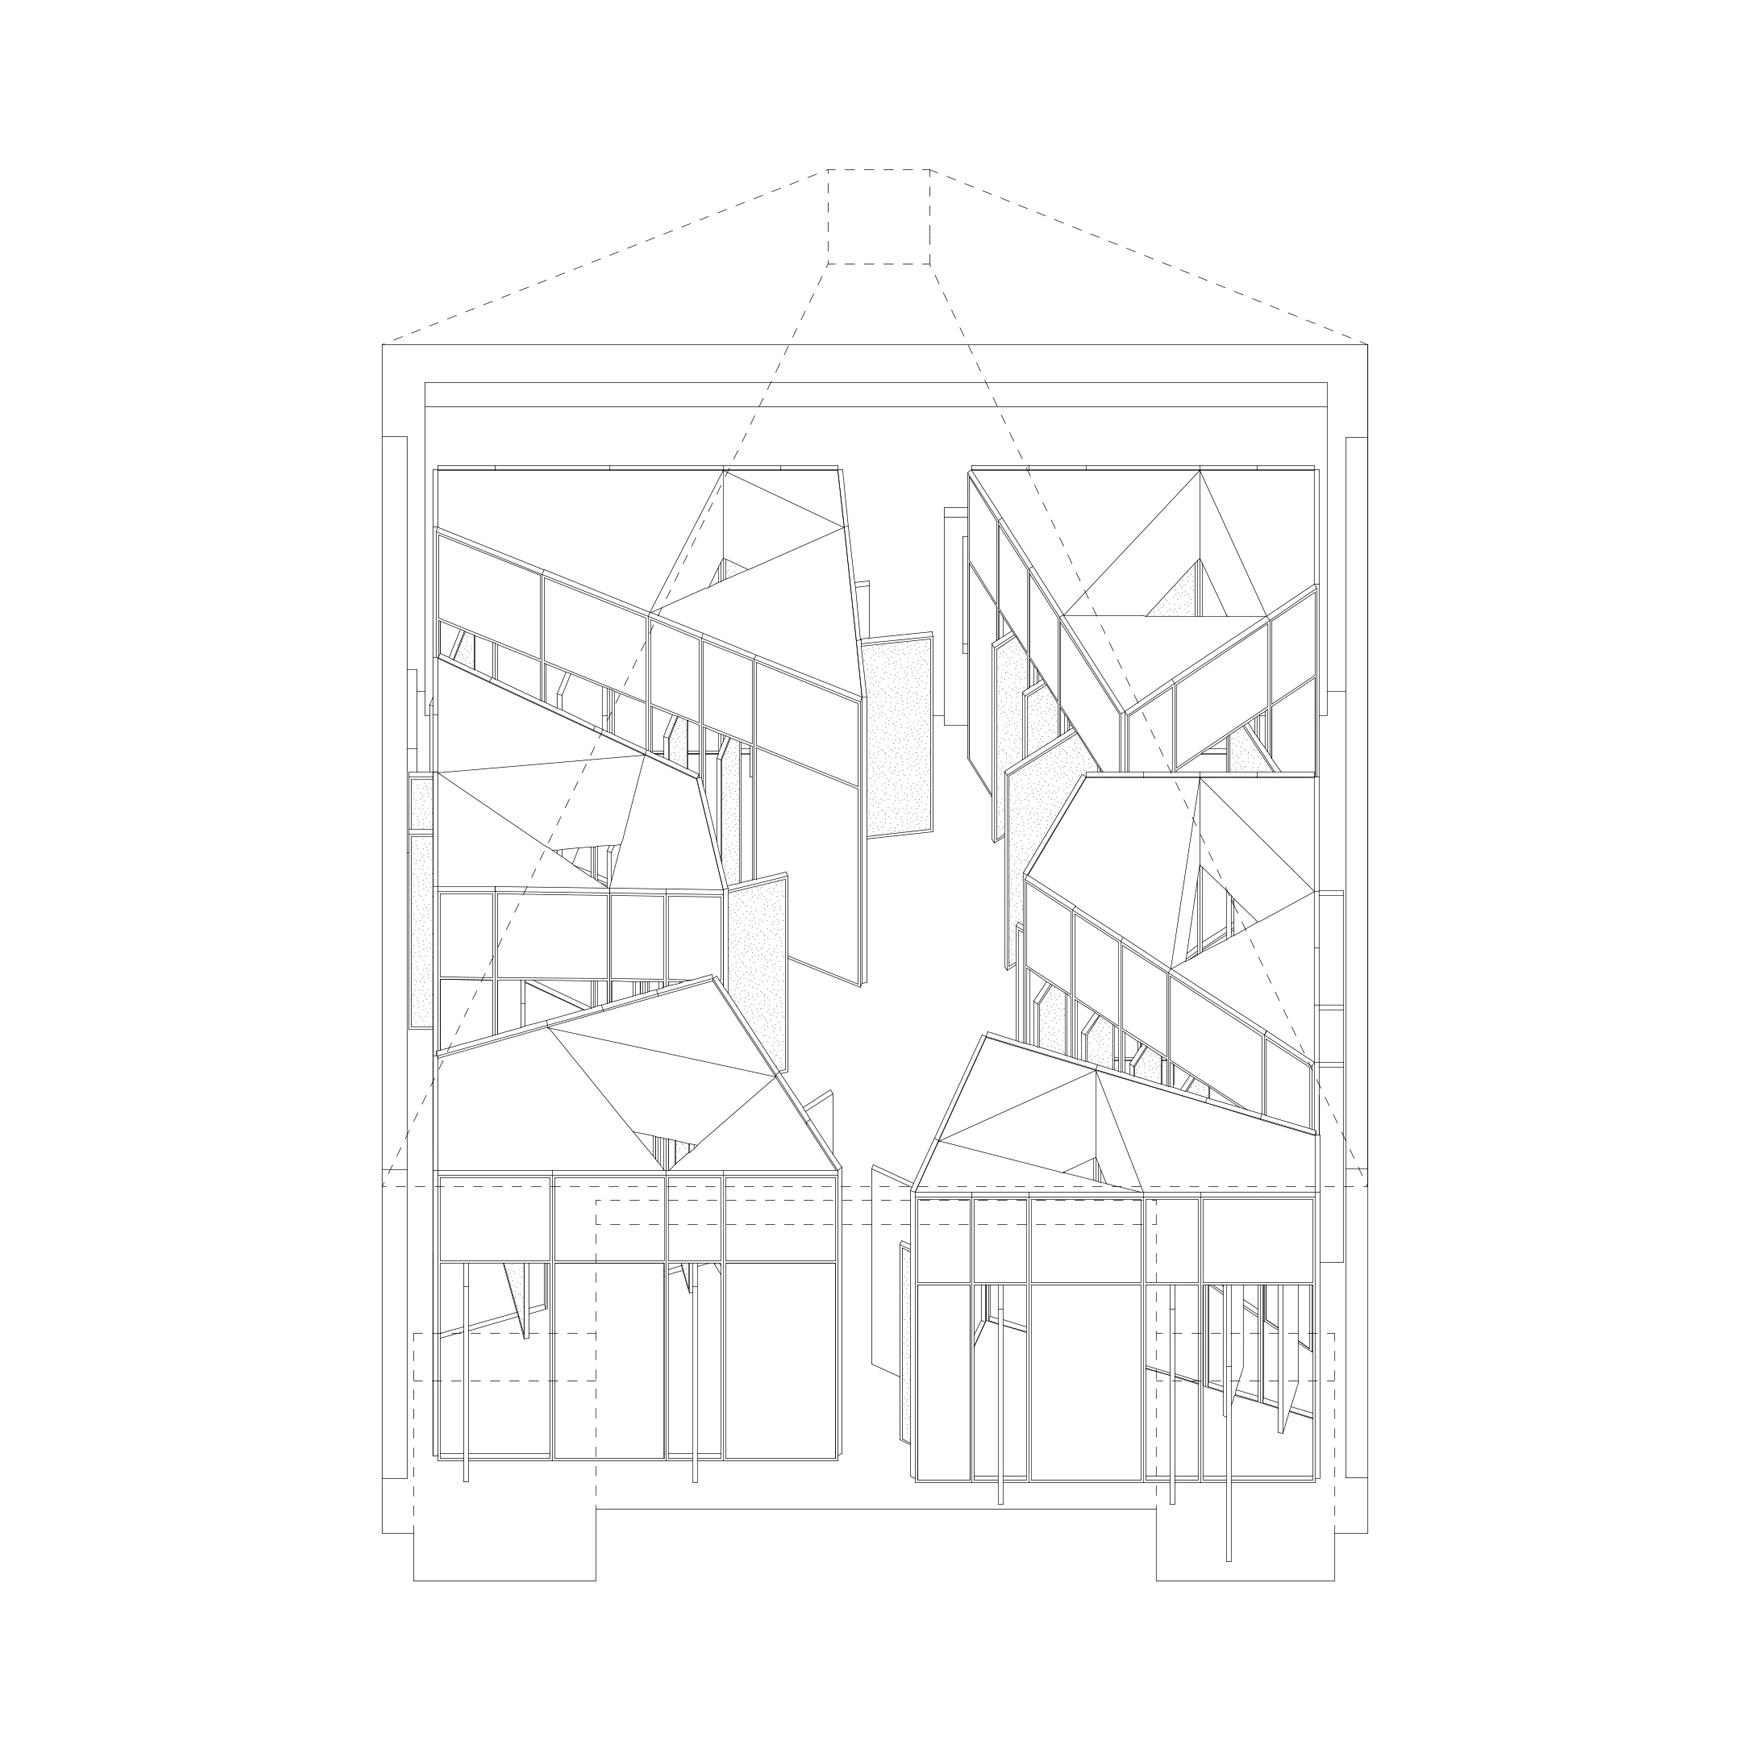 1401_SK_01-Oblique-Overview-01_p1-(web-edit).jpg